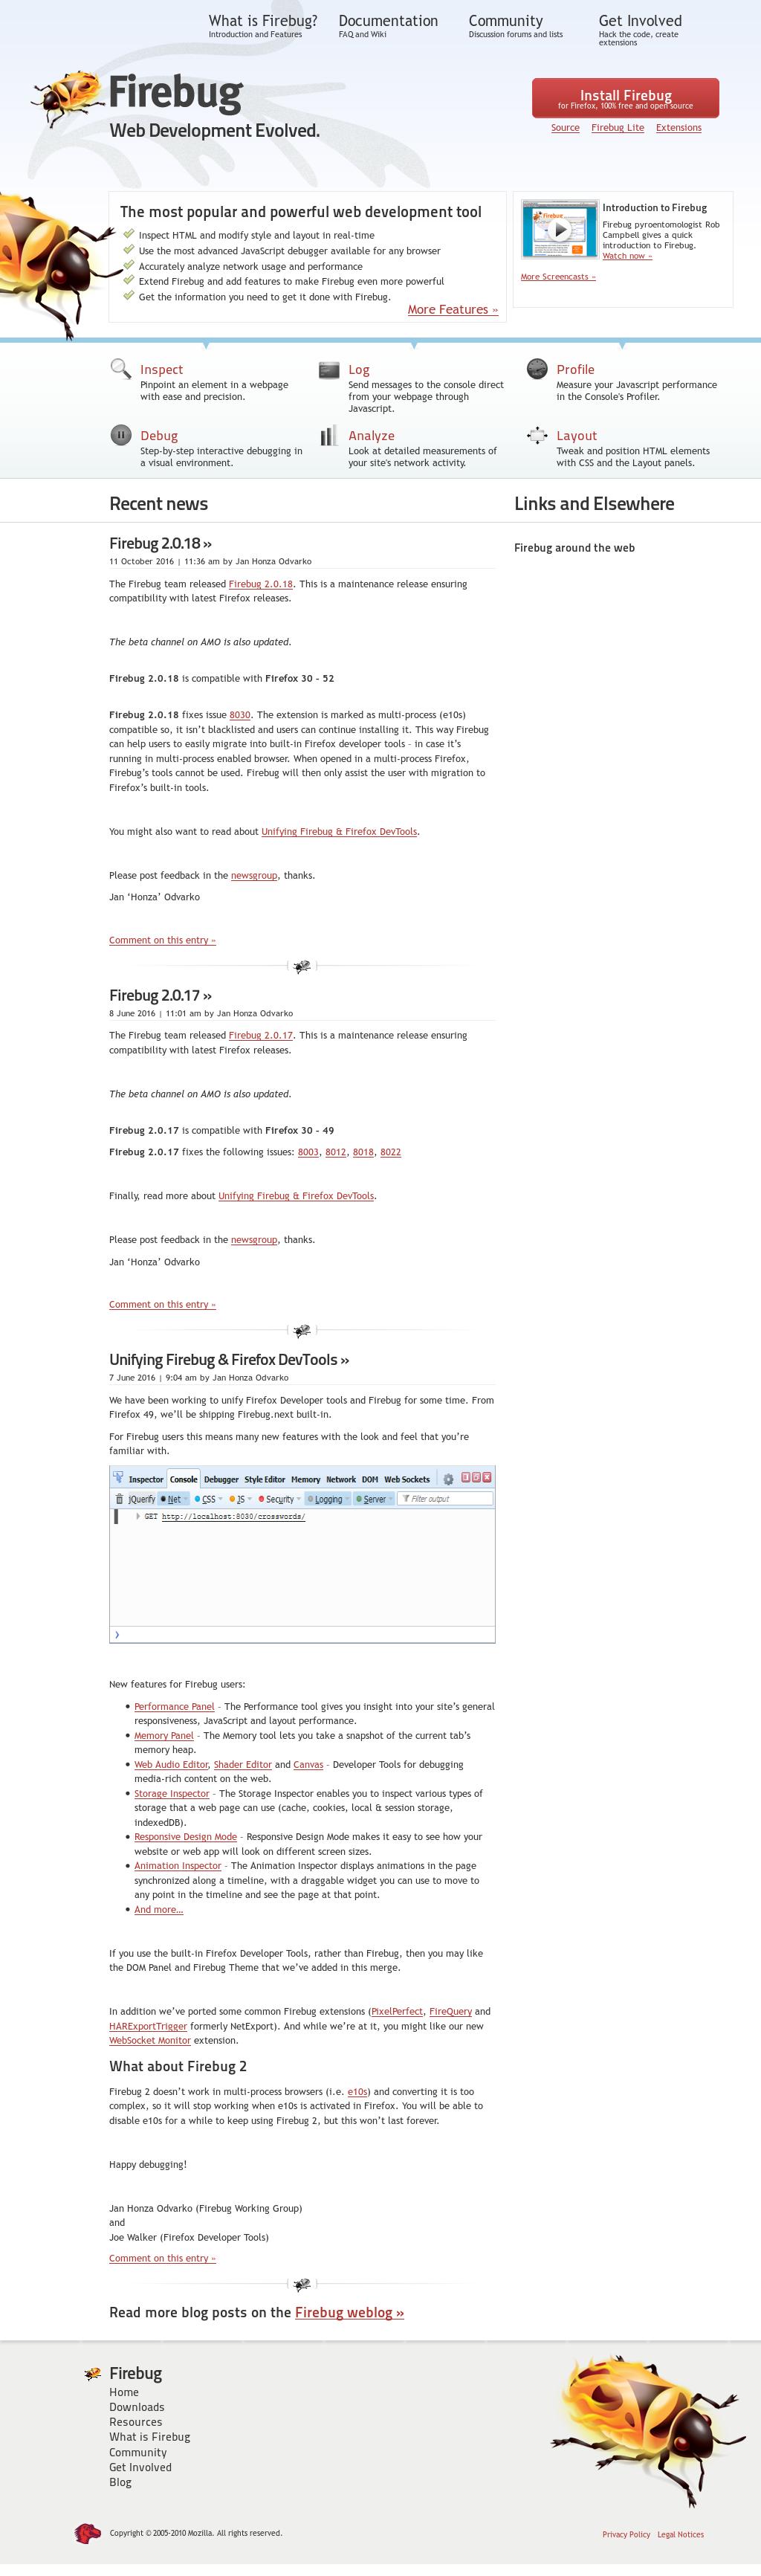 Owler Reports - Firebug Blog Firebug 2 0 17